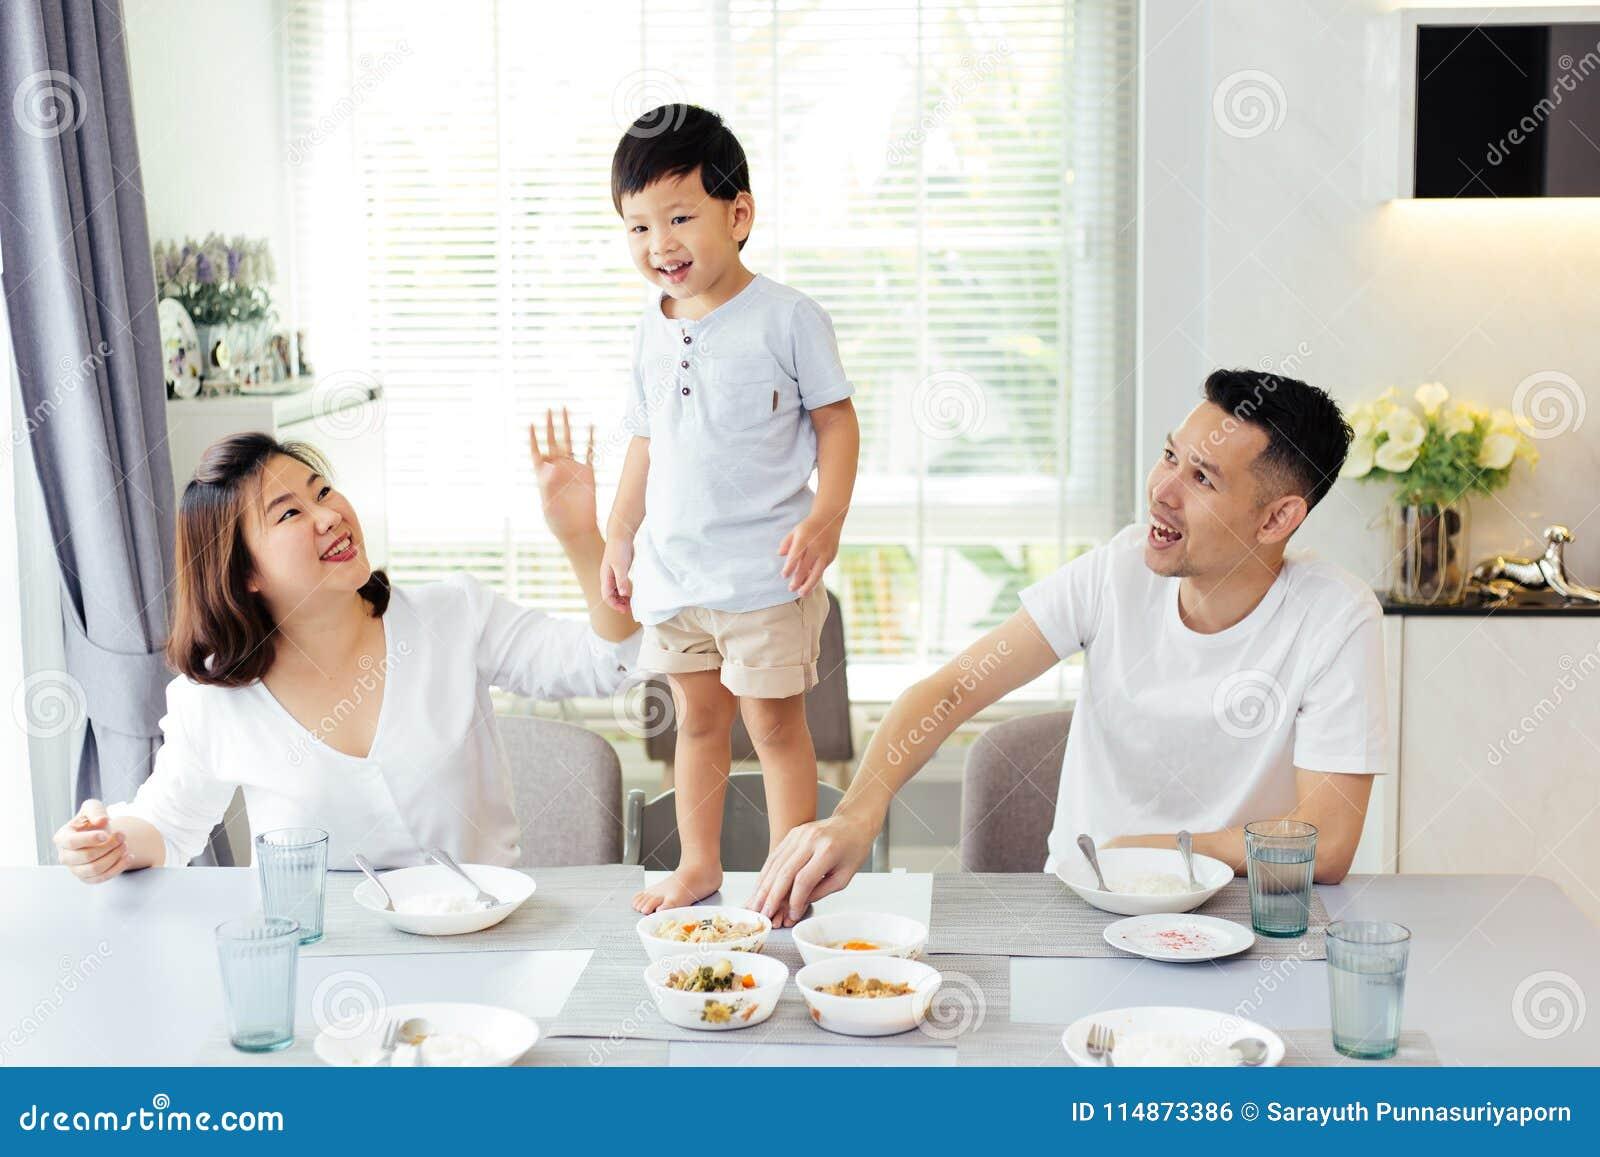 观看他们的孩子的亚洲家庭,因为他坚定和自豪地最后站立在餐桌上